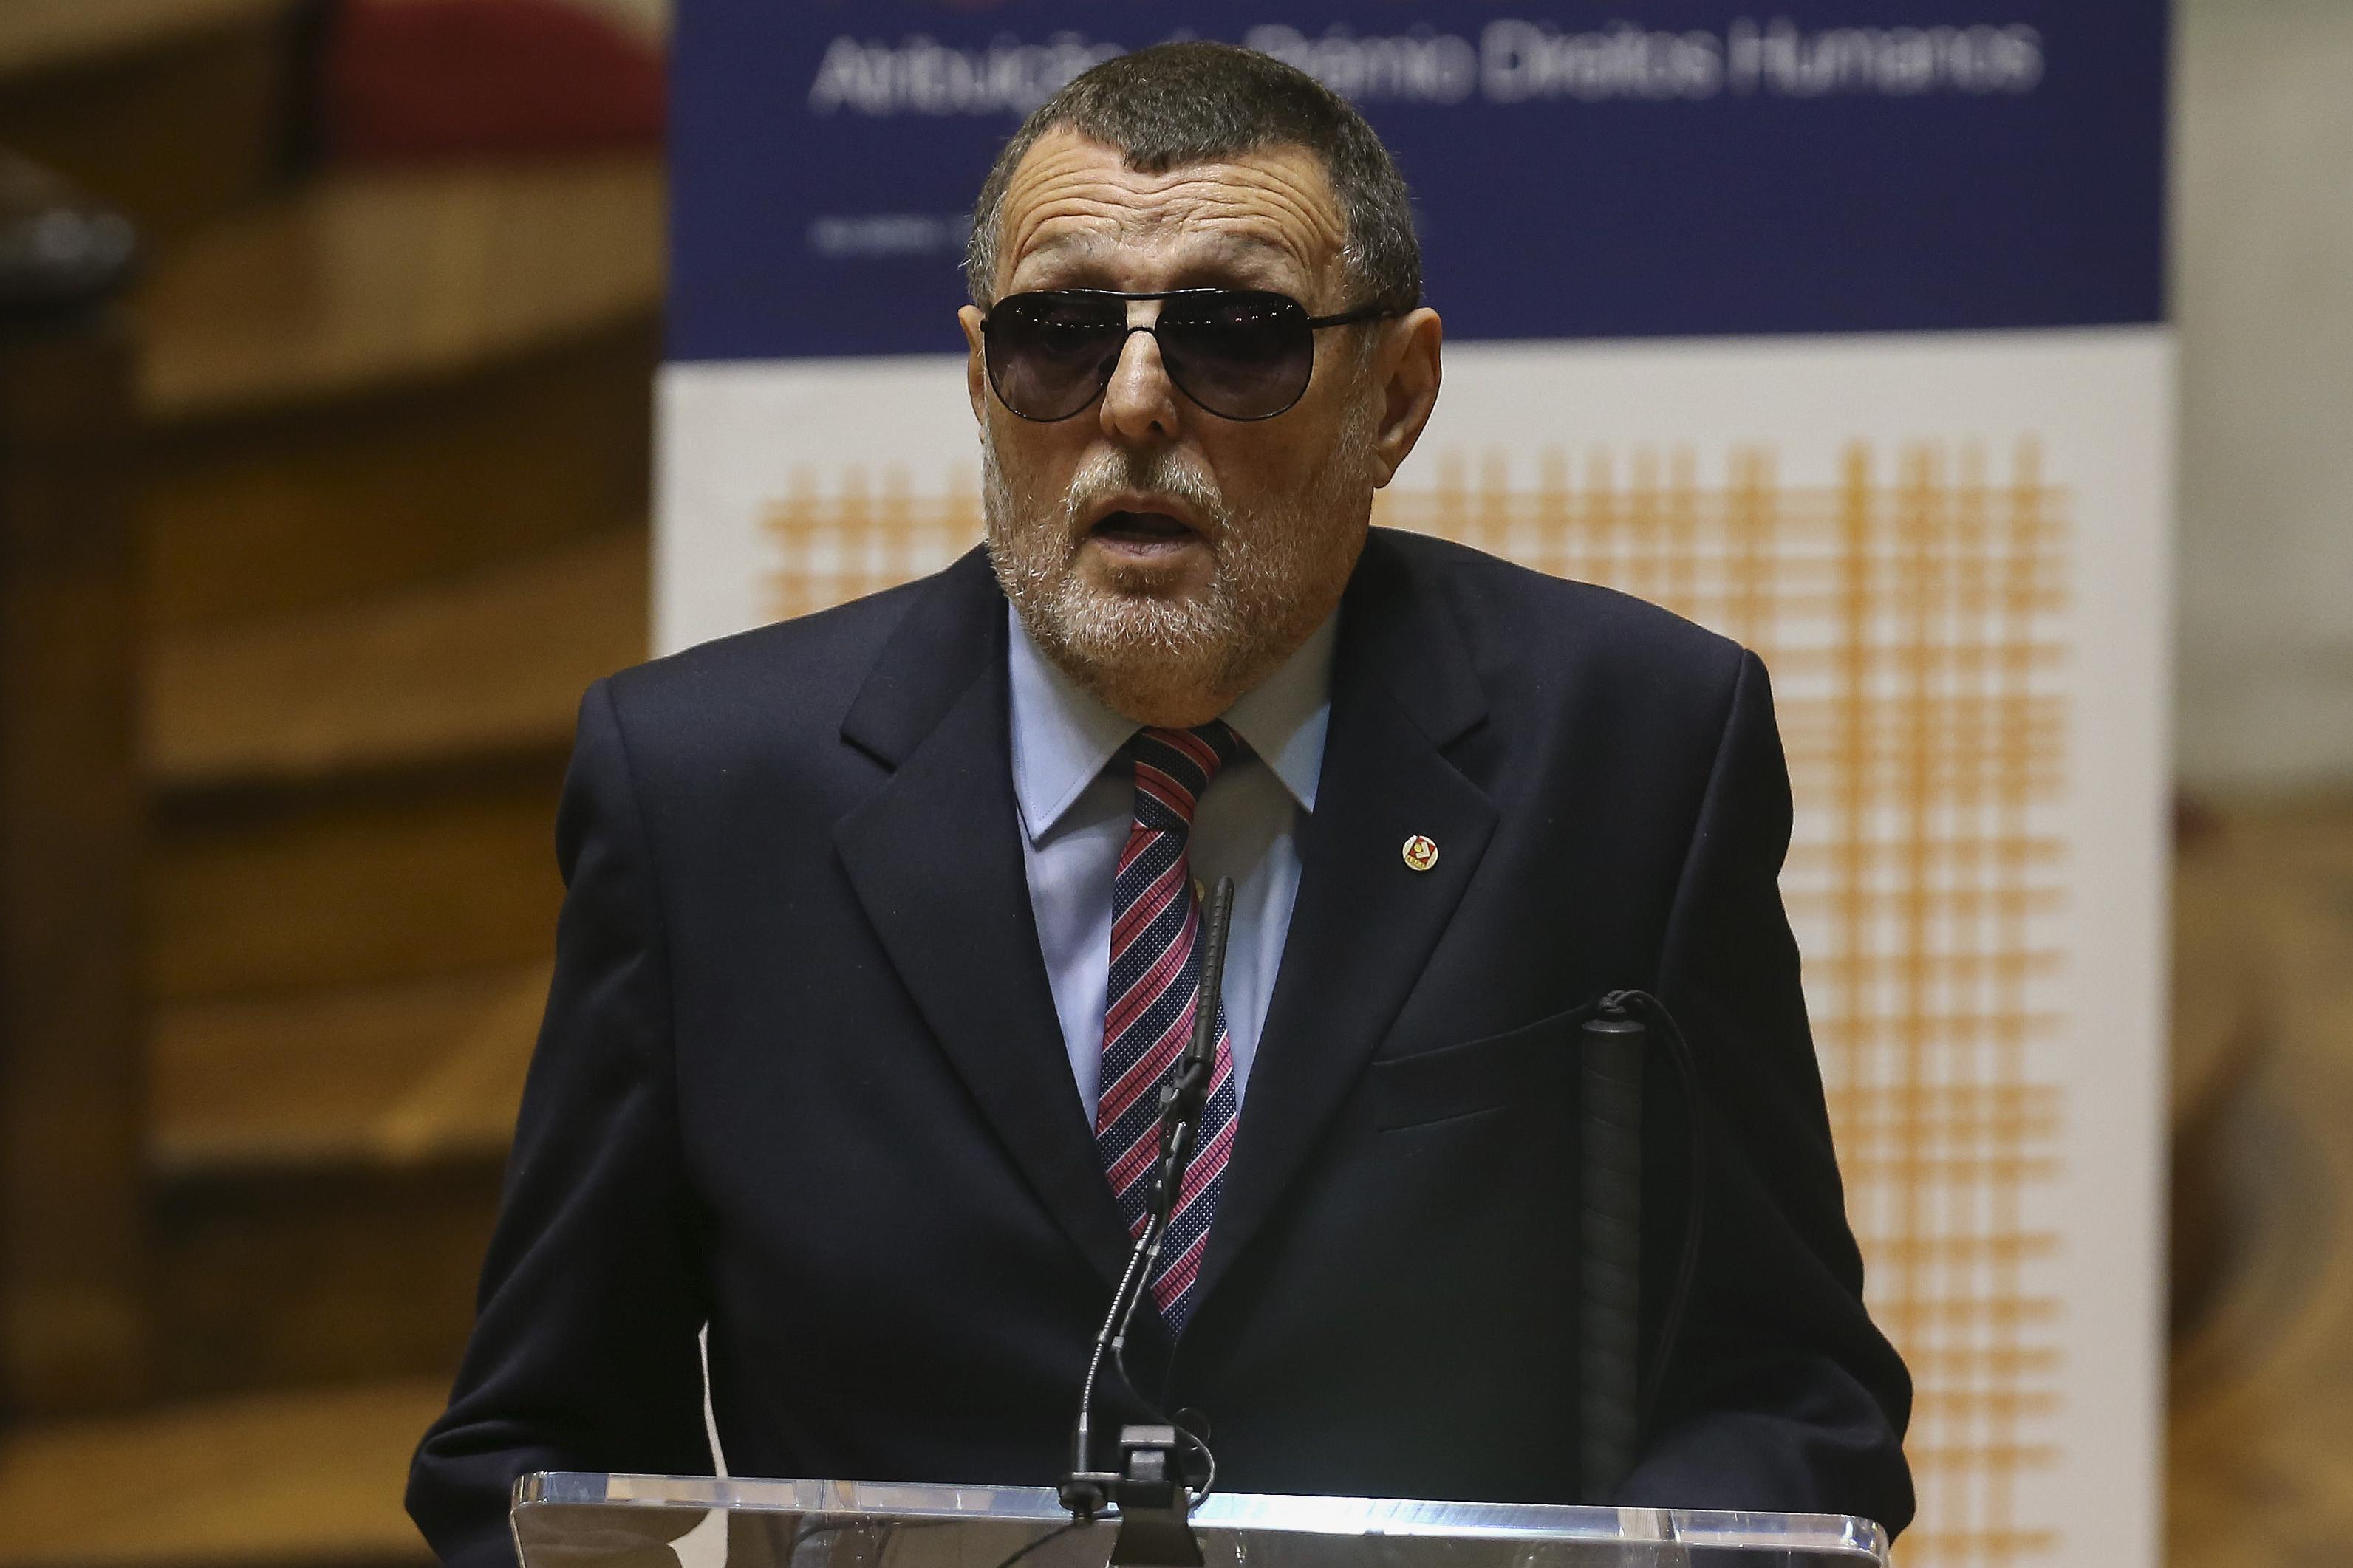 Morreu o presidente da Associação dos Deficientes das Forças Armadas